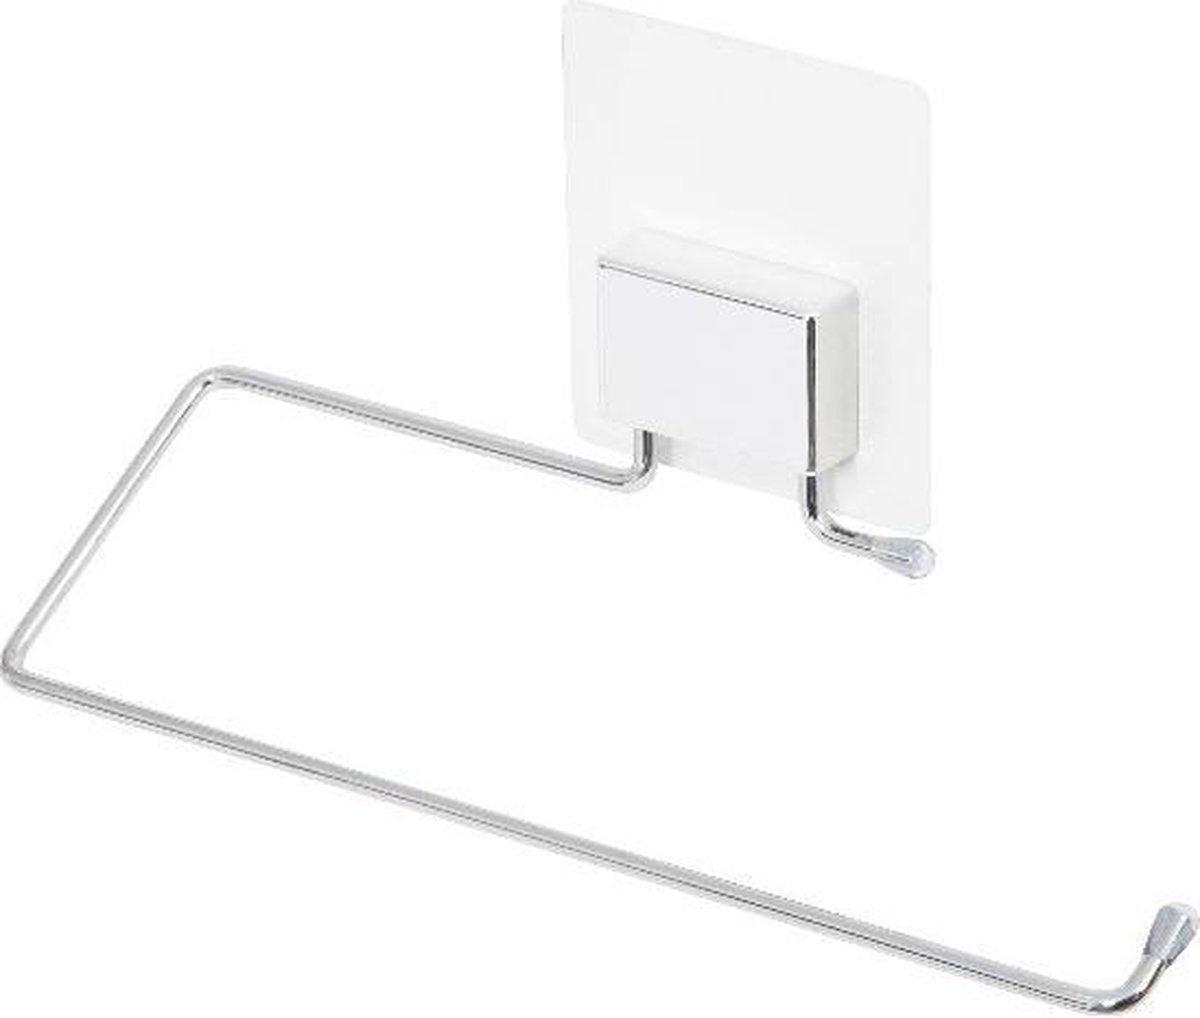 Compactor Handdoekhouder Bestlock Magic 25,5 Cm Staal Wit